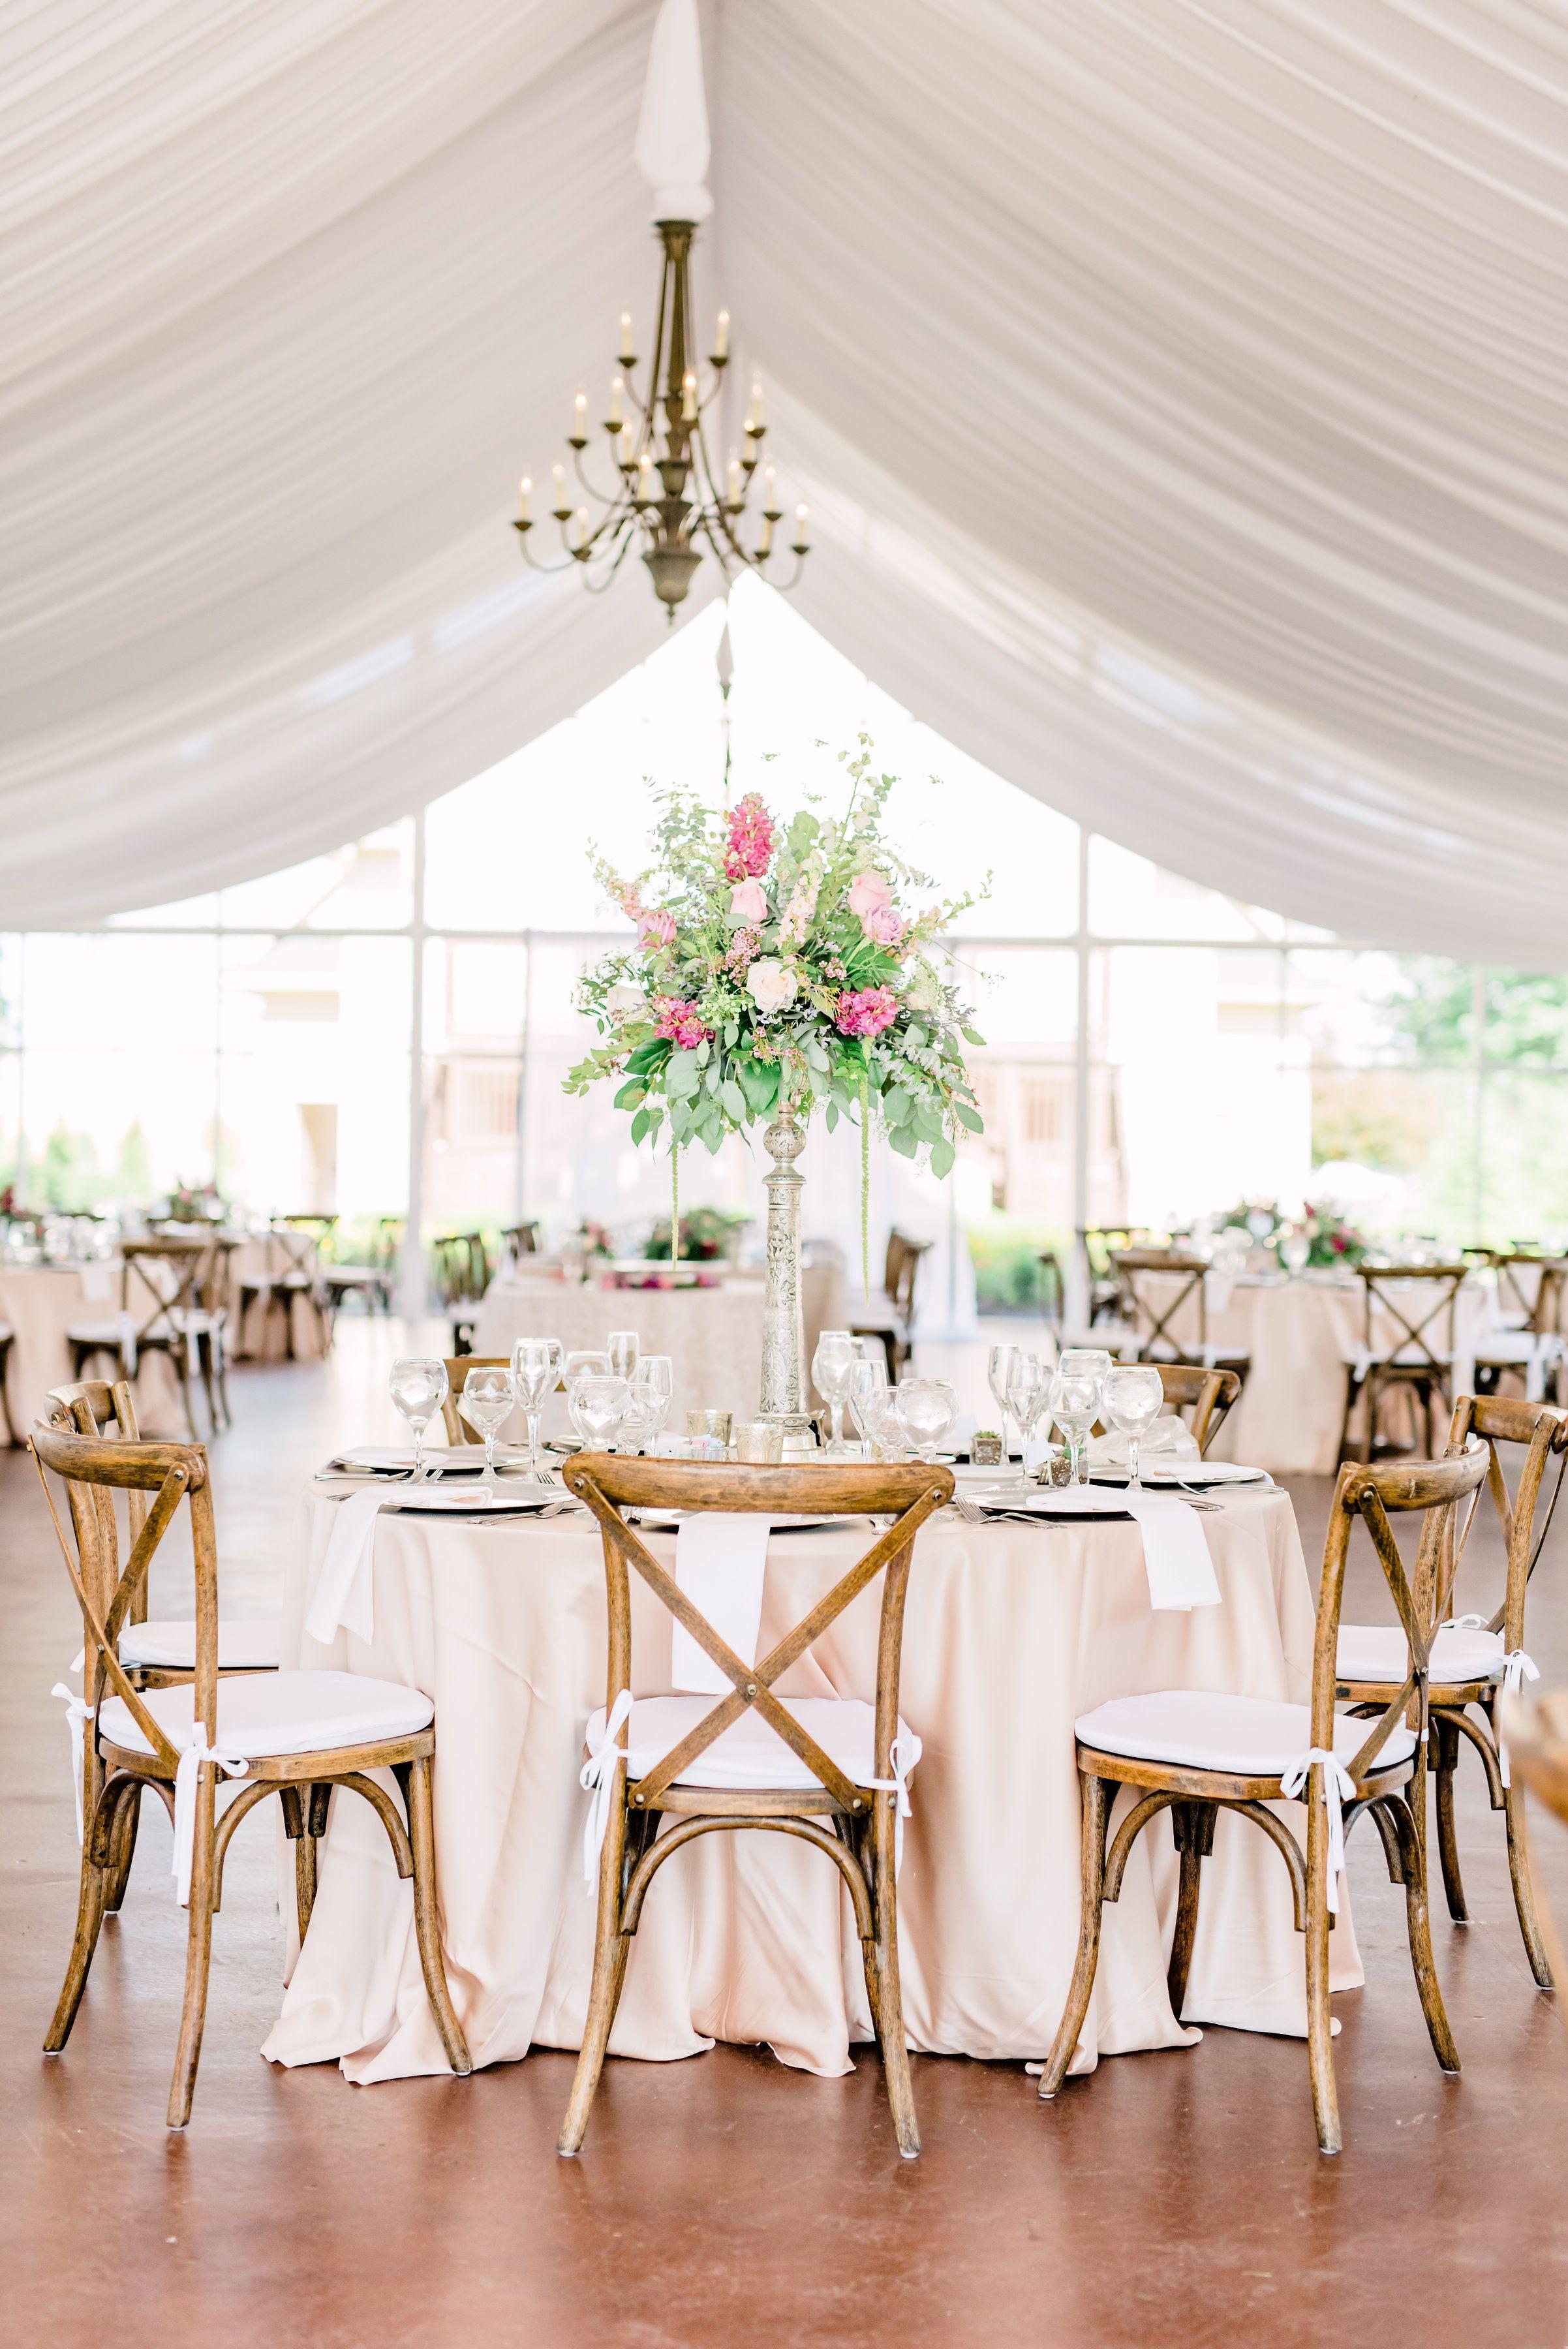 Garden Wedding Reception Venue Ritz Charles Photography Bailey